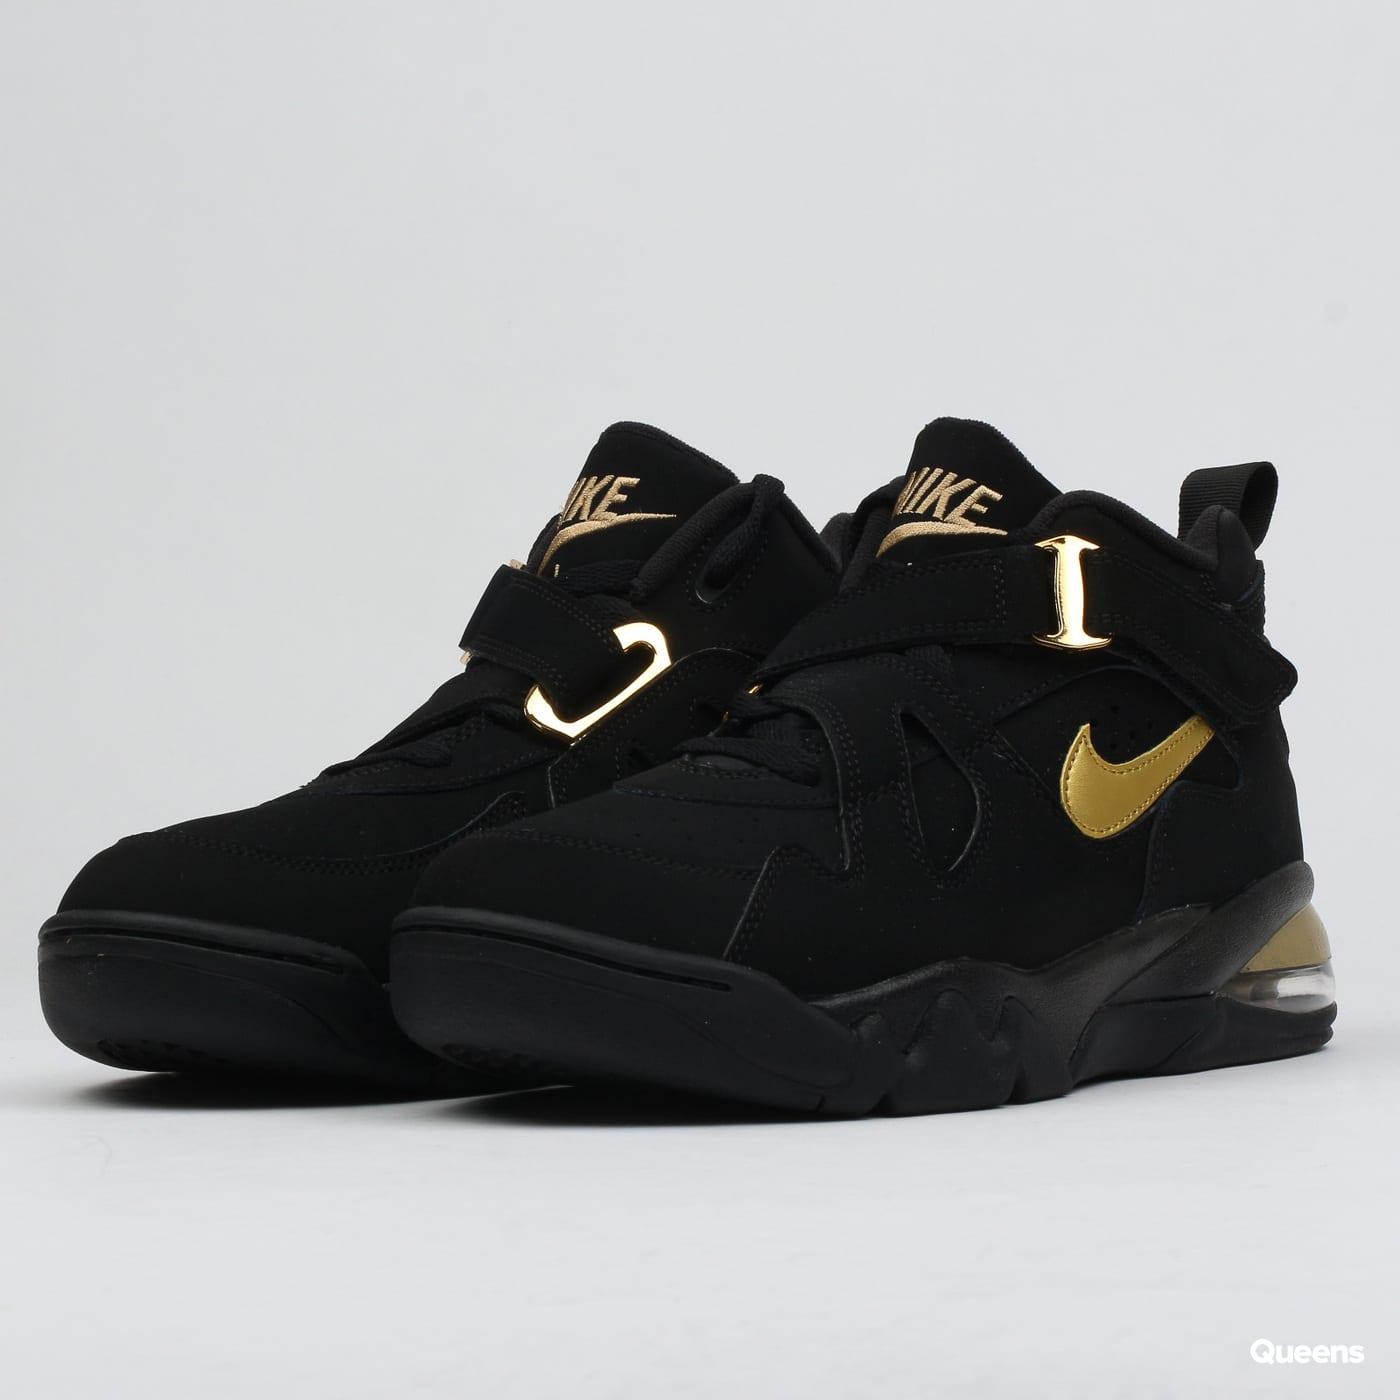 Boty Nike Air Force Max CB (AJ7922-001) – Queens 💚 3cf901a55e3